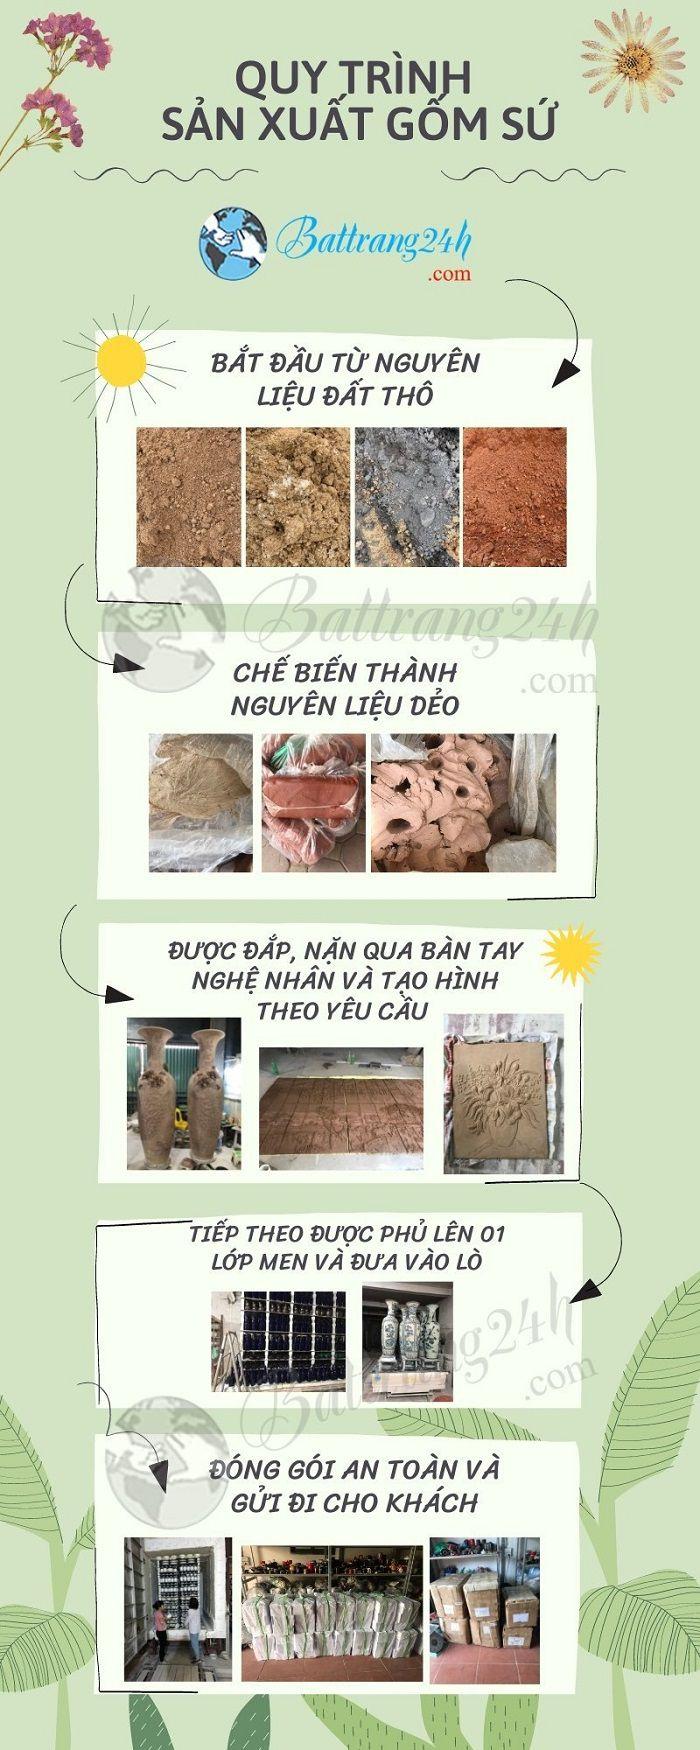 Quy trình sản xuất sản phẩm gốm sứ Bát Tràng tại xưởng Battrang24h